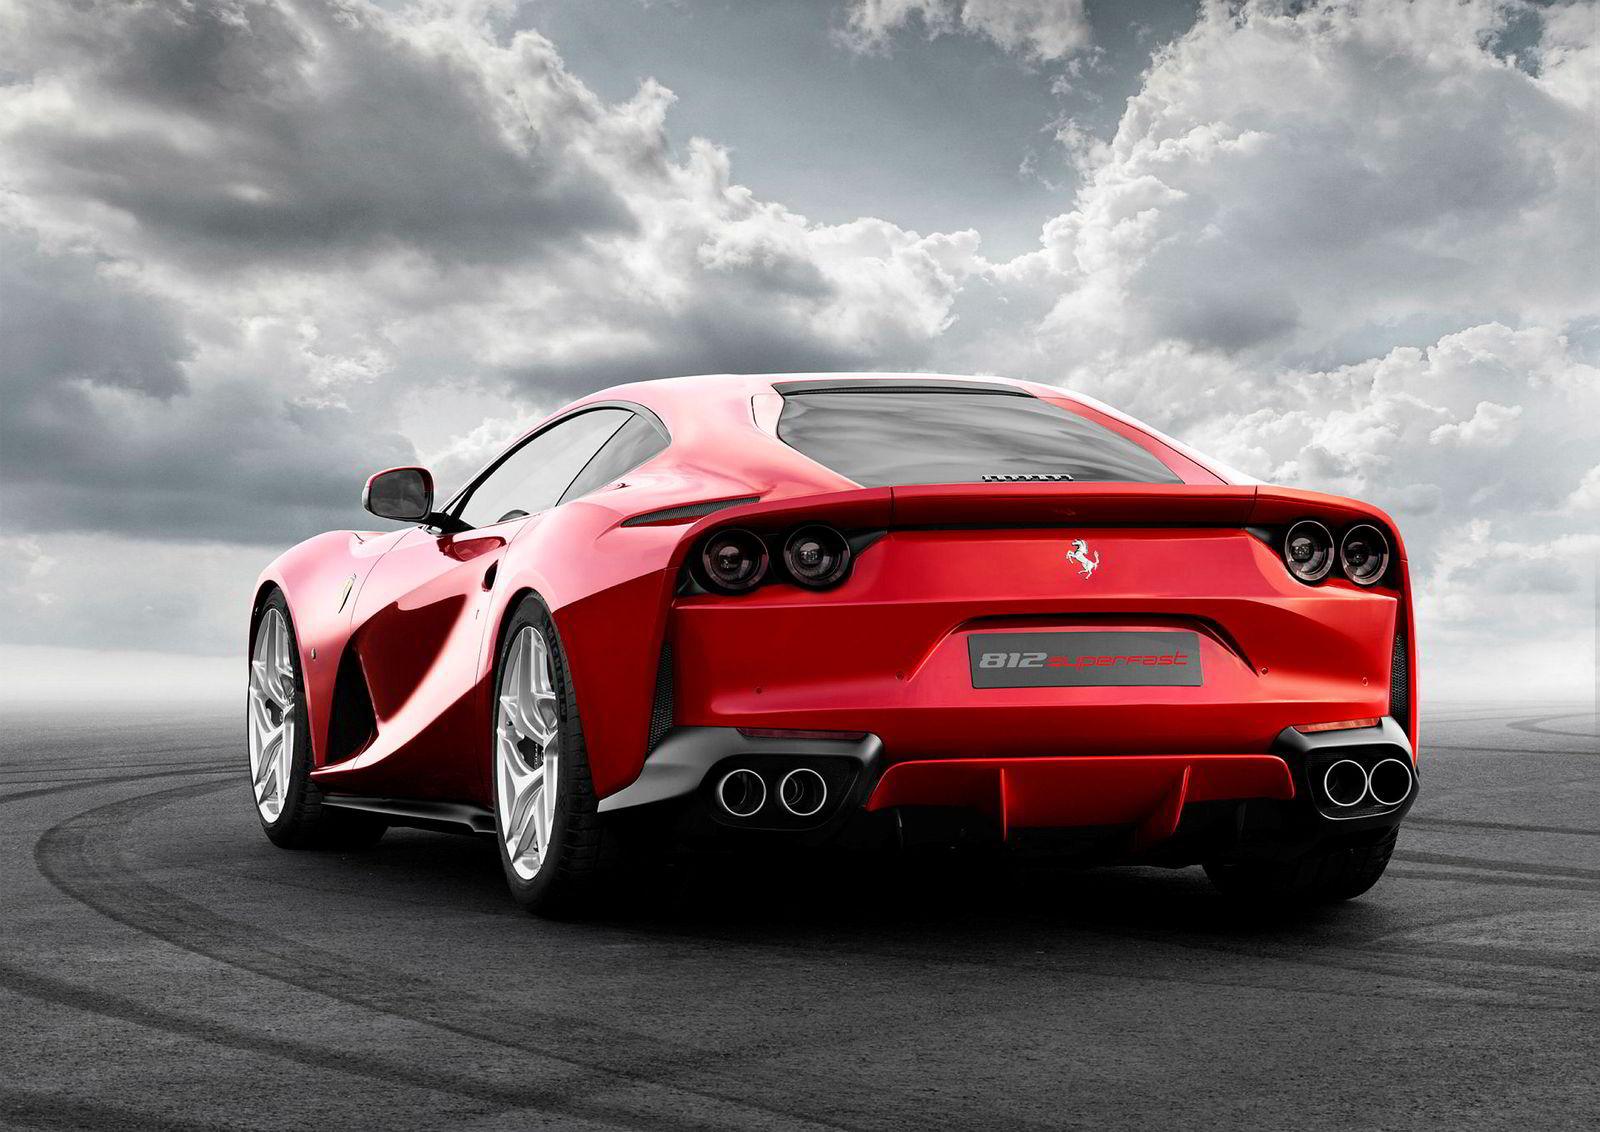 Ferrari 812 Superfast er den kjappeste Ferrari for gatebruk inntil den nye modellen SF90 Stradale kommer. Den er en hybrid som samlet yter 1000 hestekrefter.